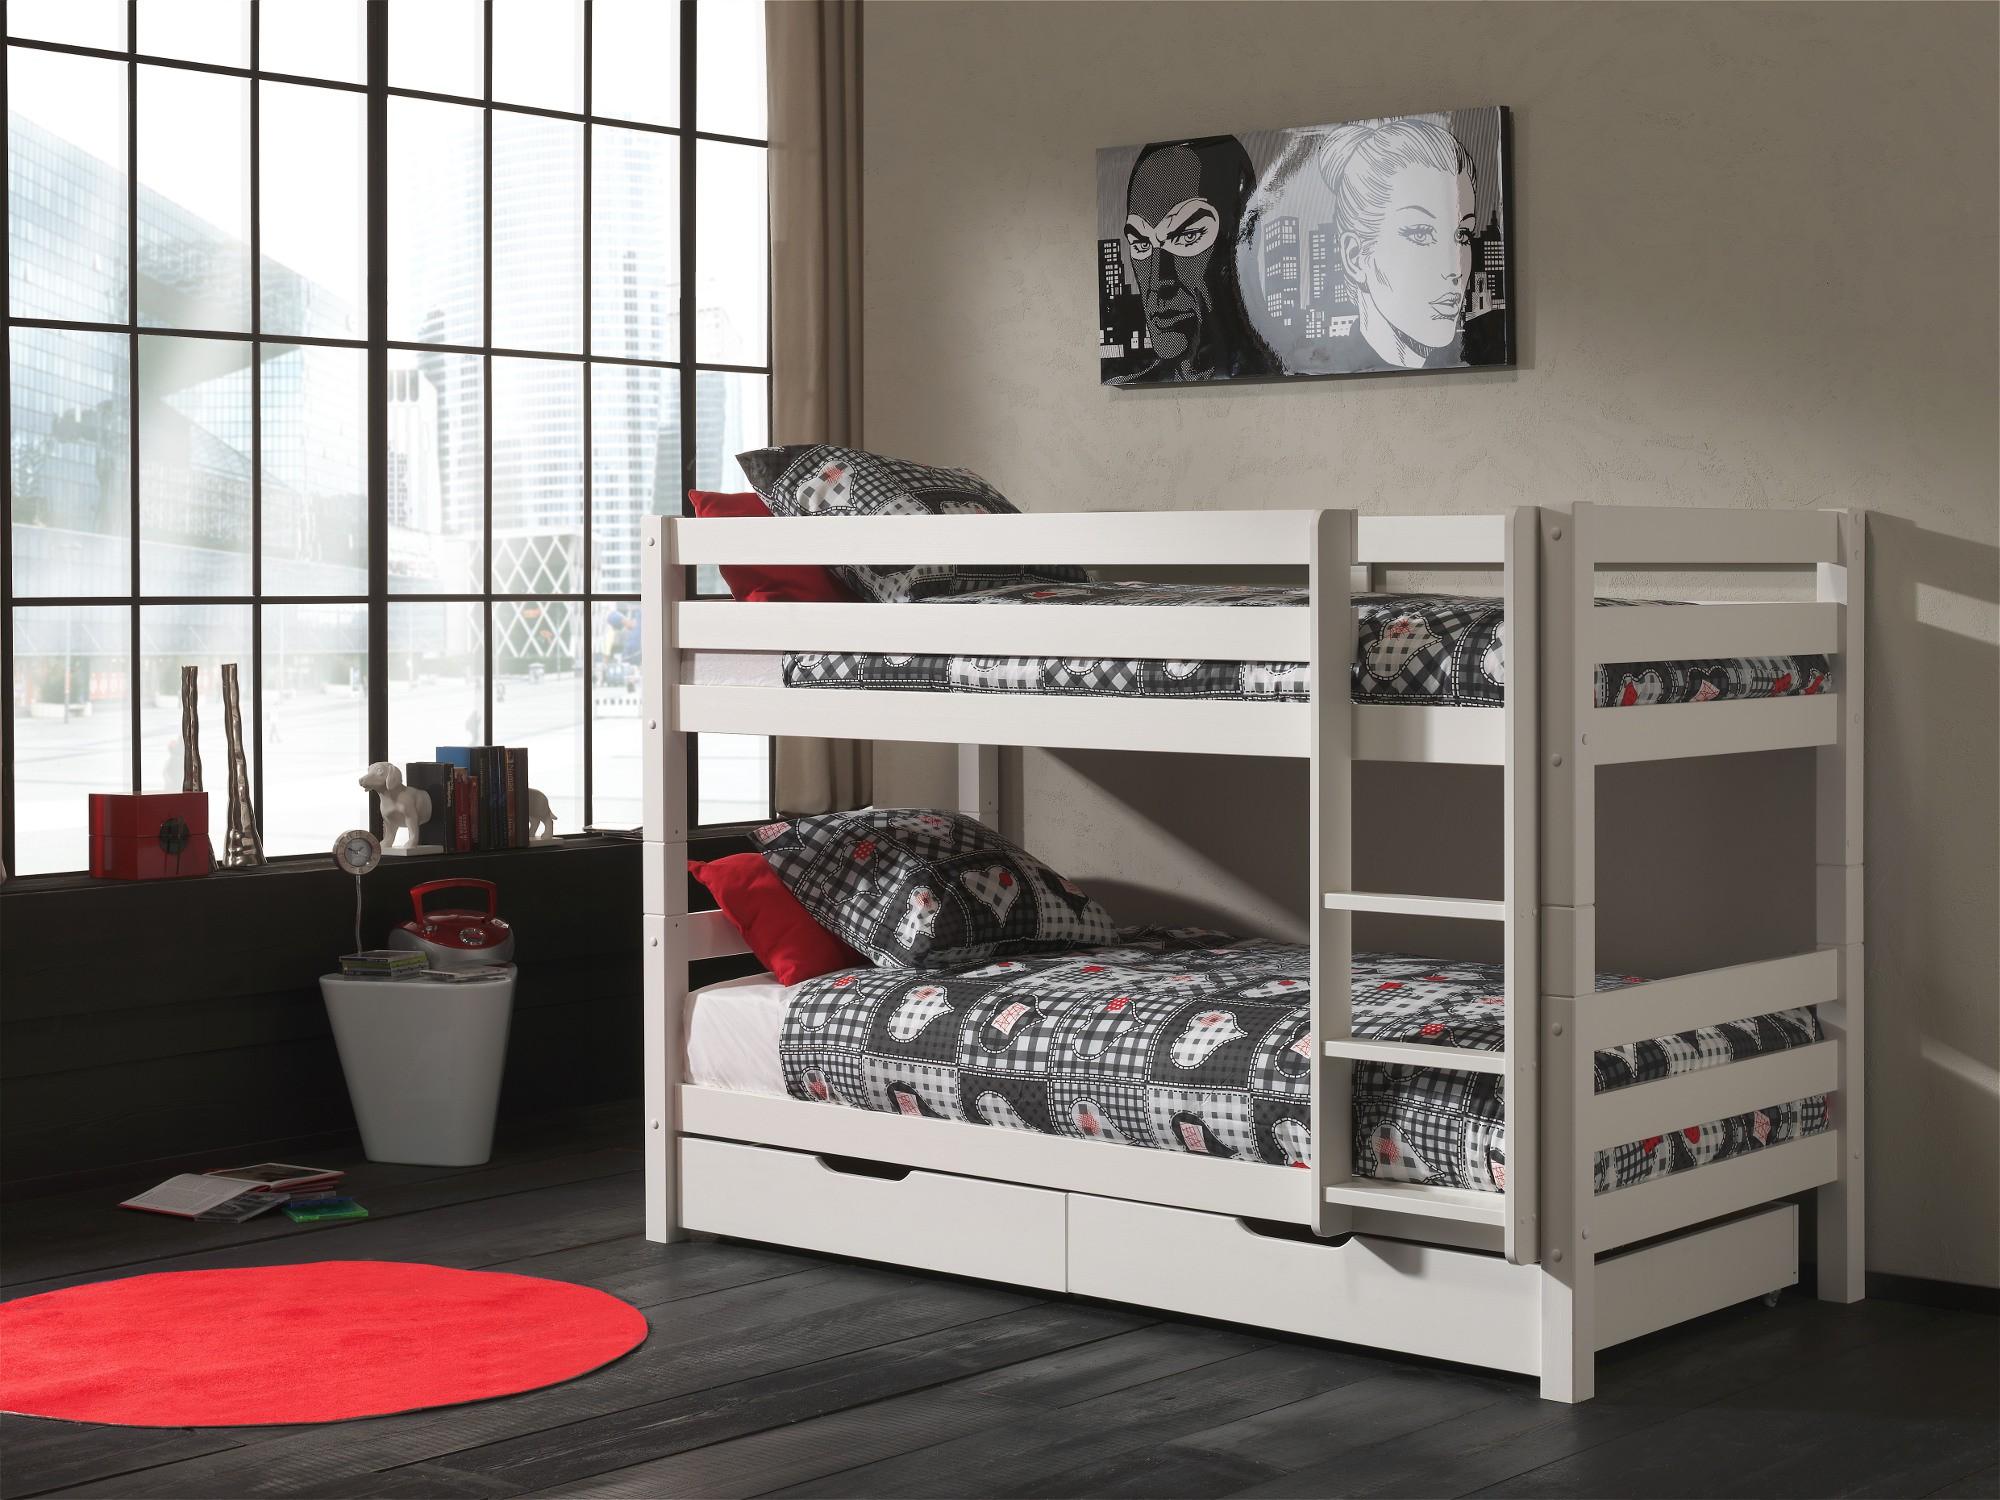 Etagenbett Kinder Weiß : Kinder etagenbett online kaufen furnart